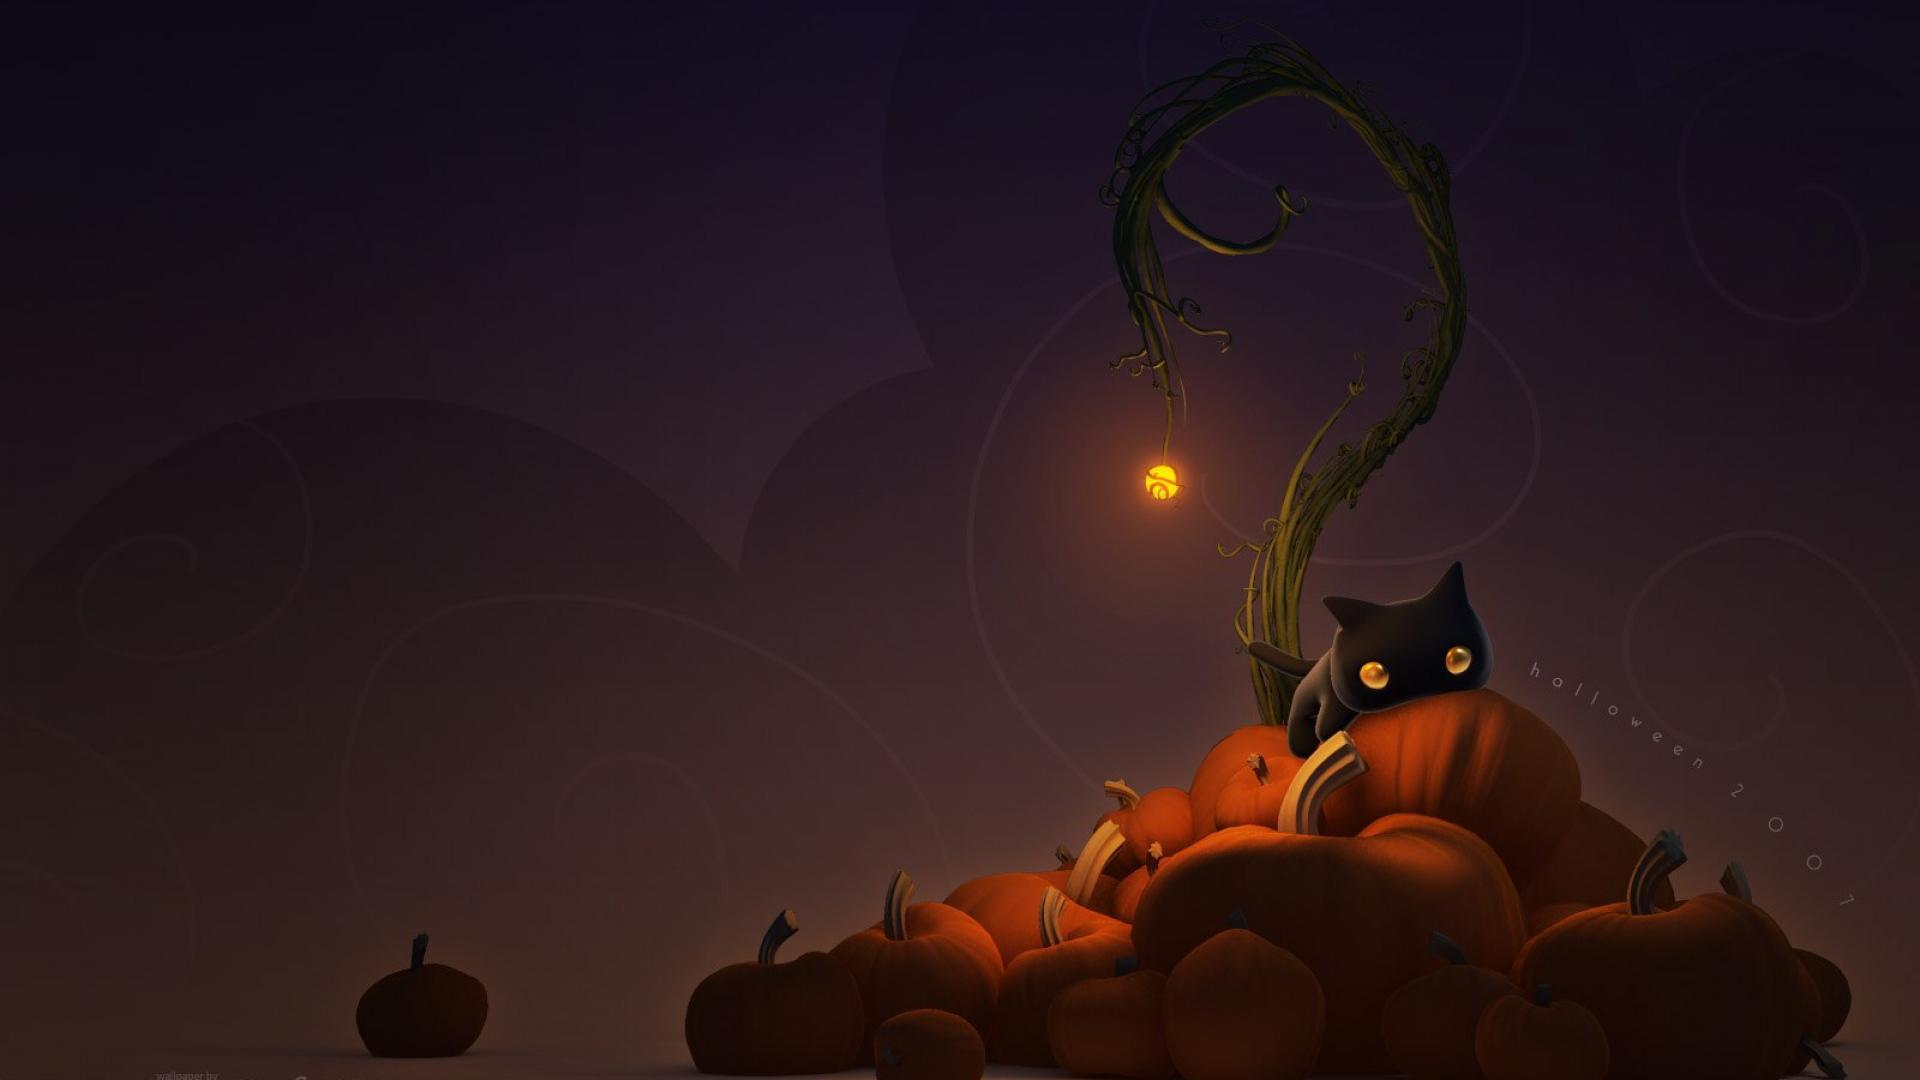 cute halloween wallpaper 1920x1080